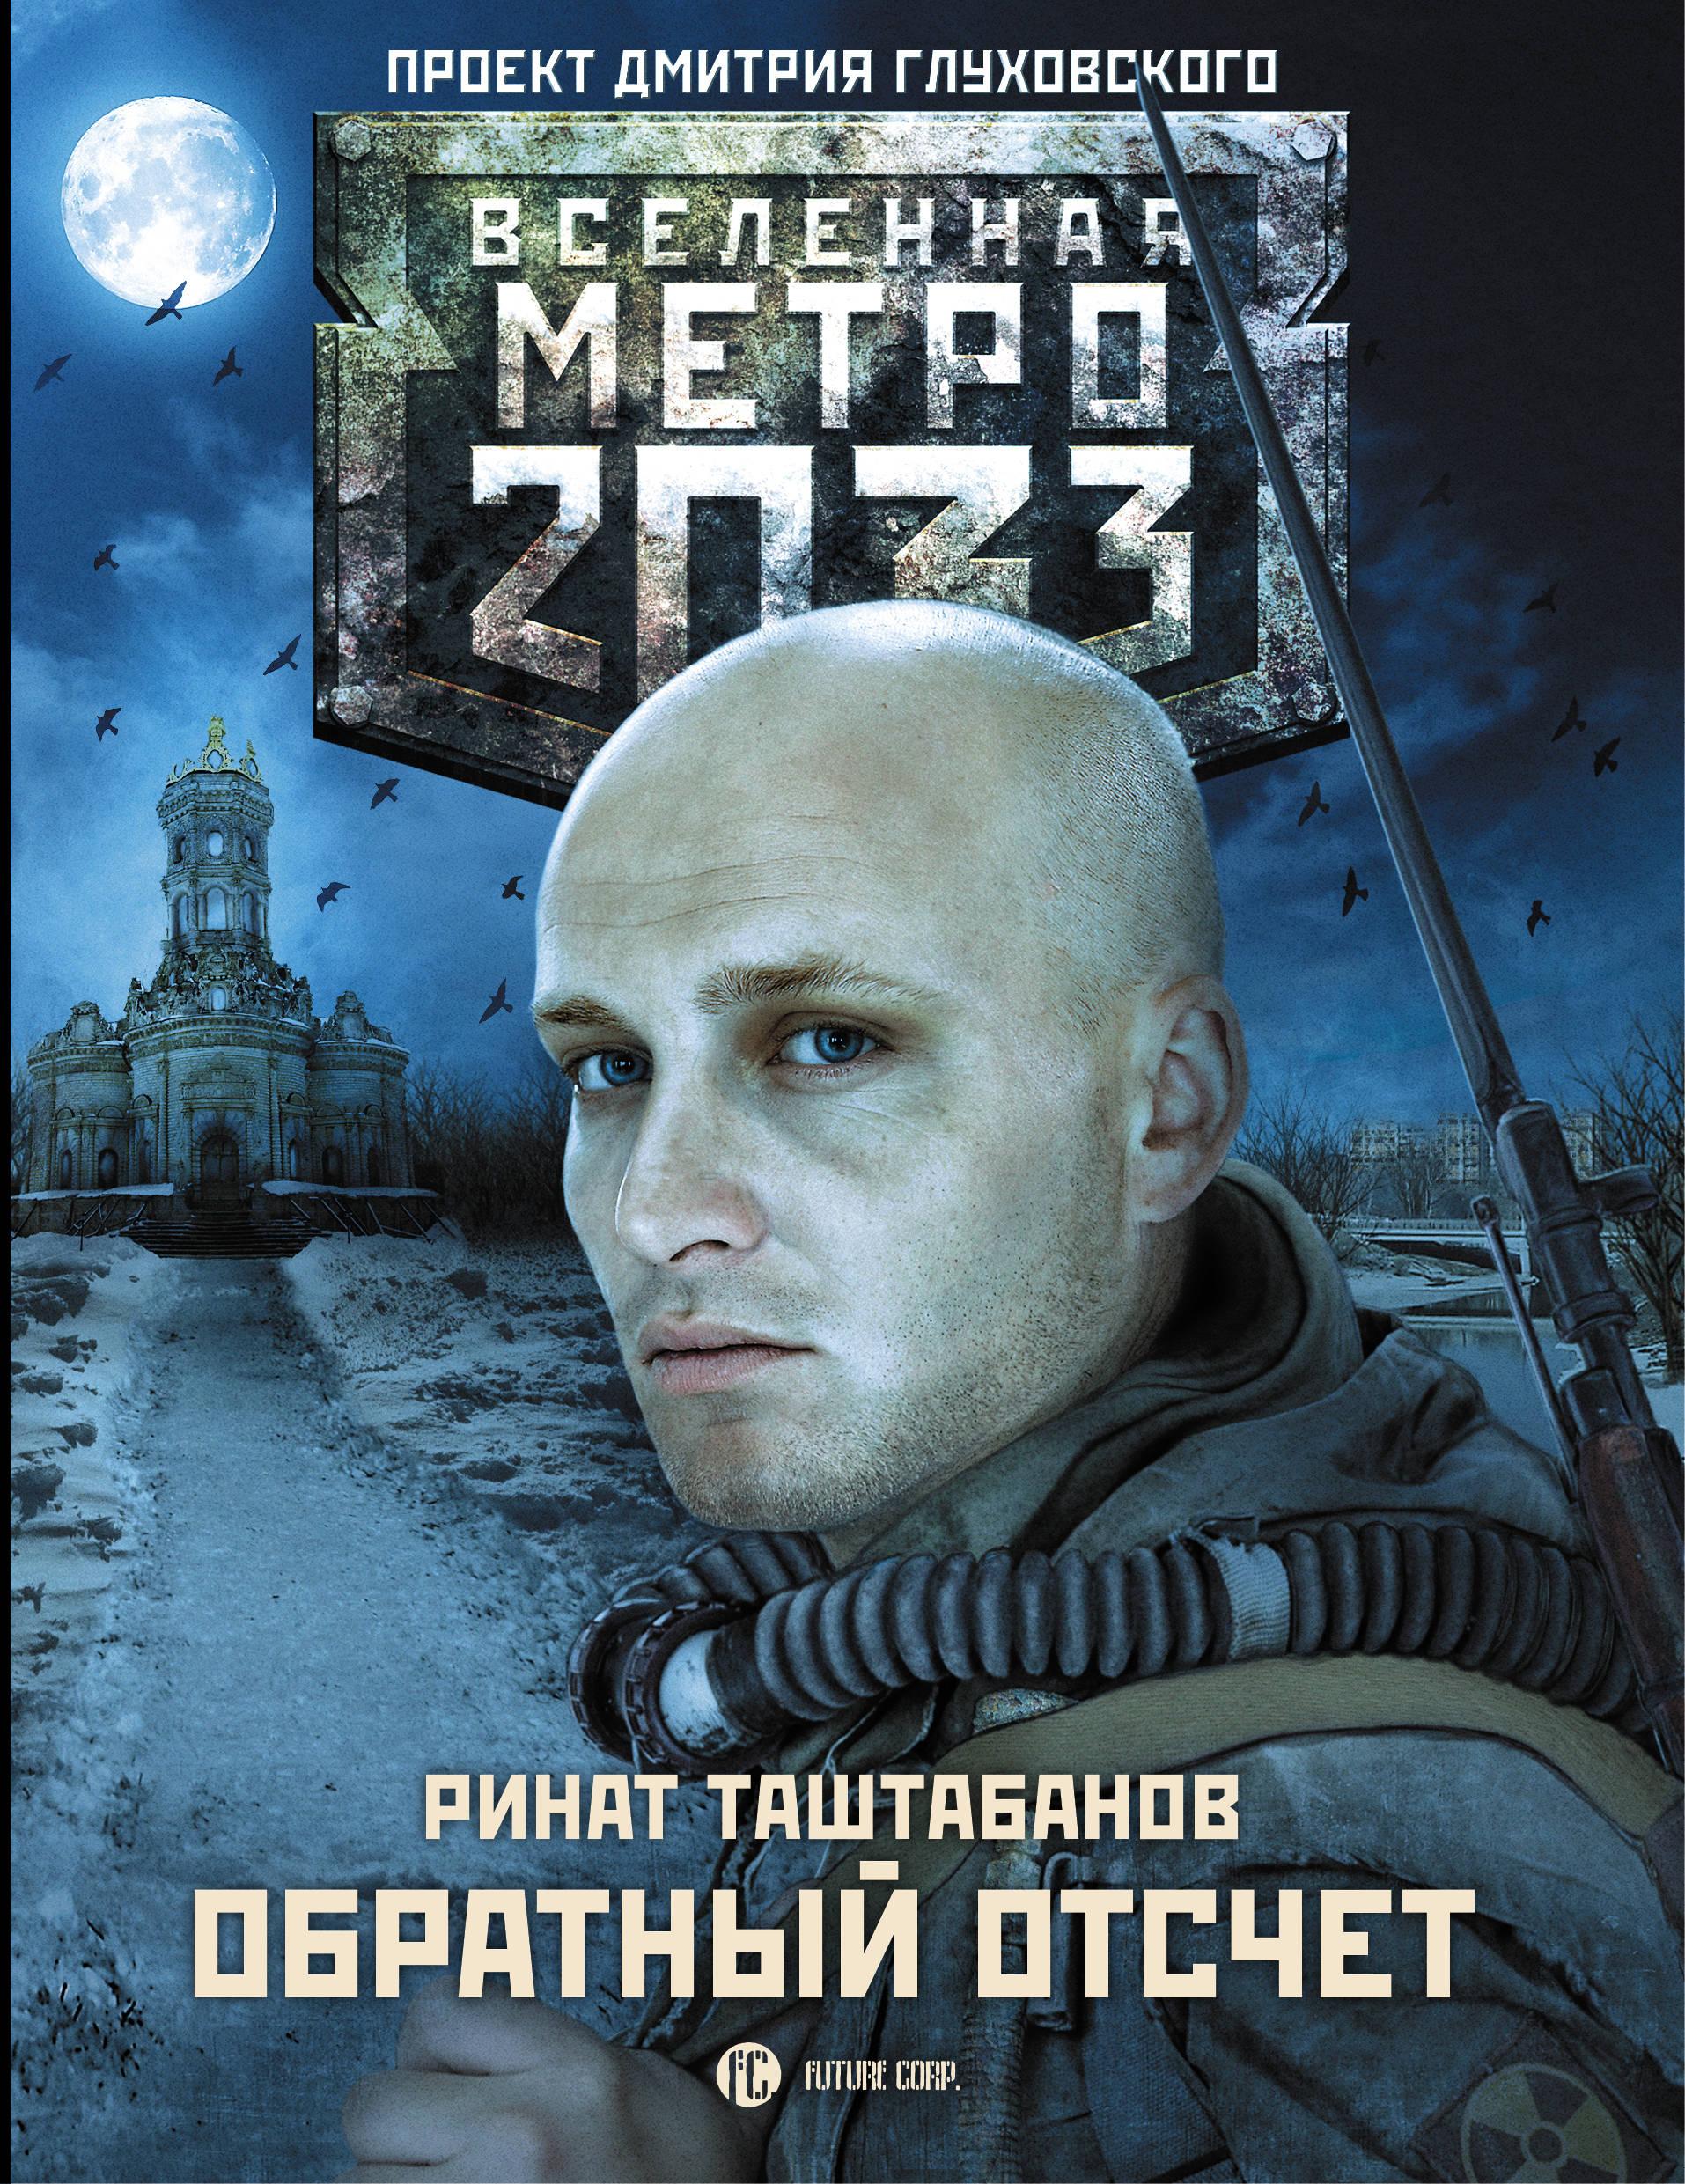 Таштабанов Р.Р. Метро 2033: Обратный отсчет шабалов д метро 2033 право на жизнь